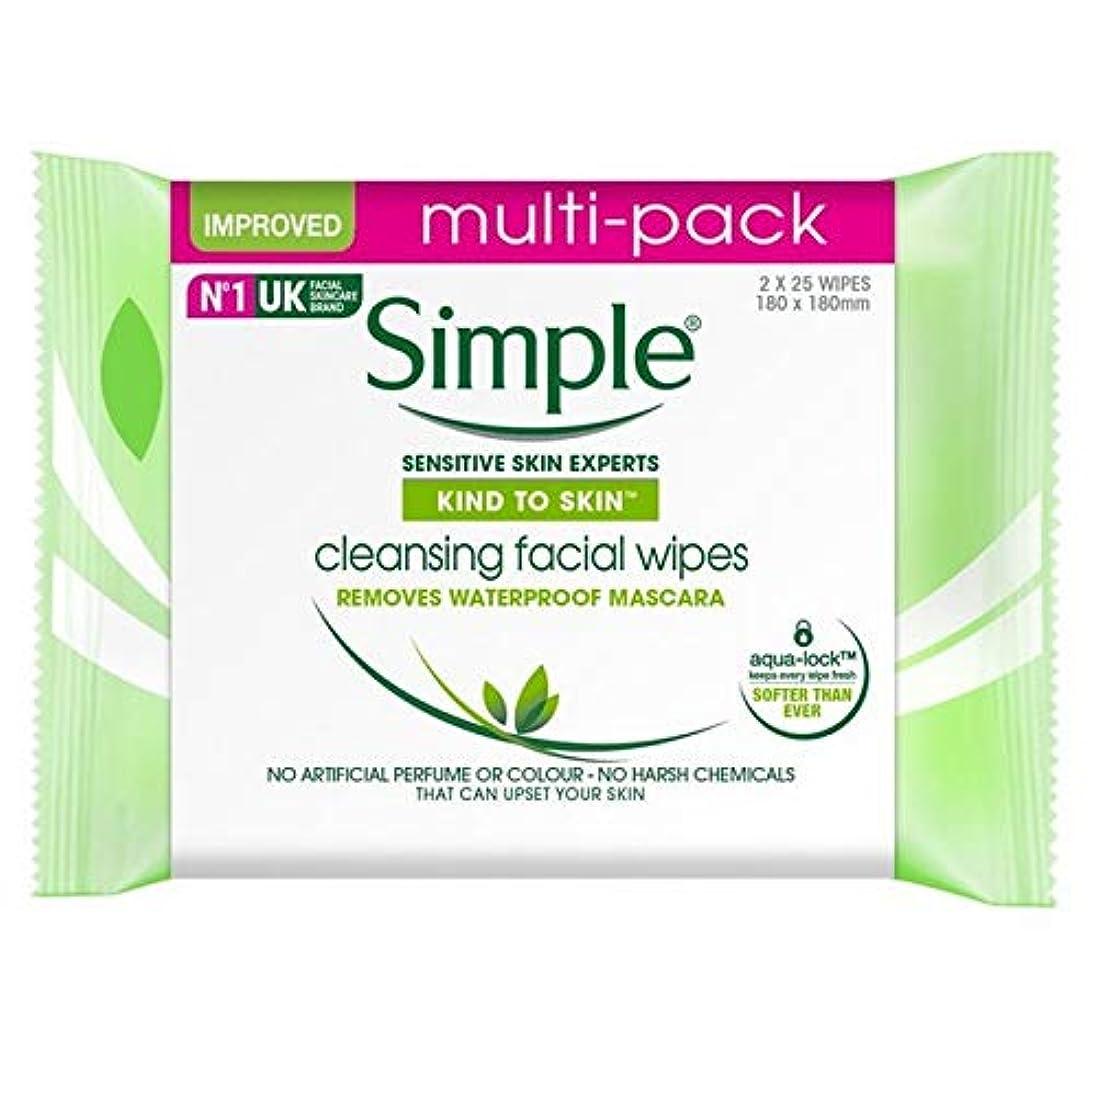 寛解傾いた自伝[Simple ] 肌のクレンジングフェイシャルワイプ2×25パックあたりに簡単な種類 - Simple Kind To Skin Cleansing Facial Wipes 2 x 25 per pack [並行輸入品]